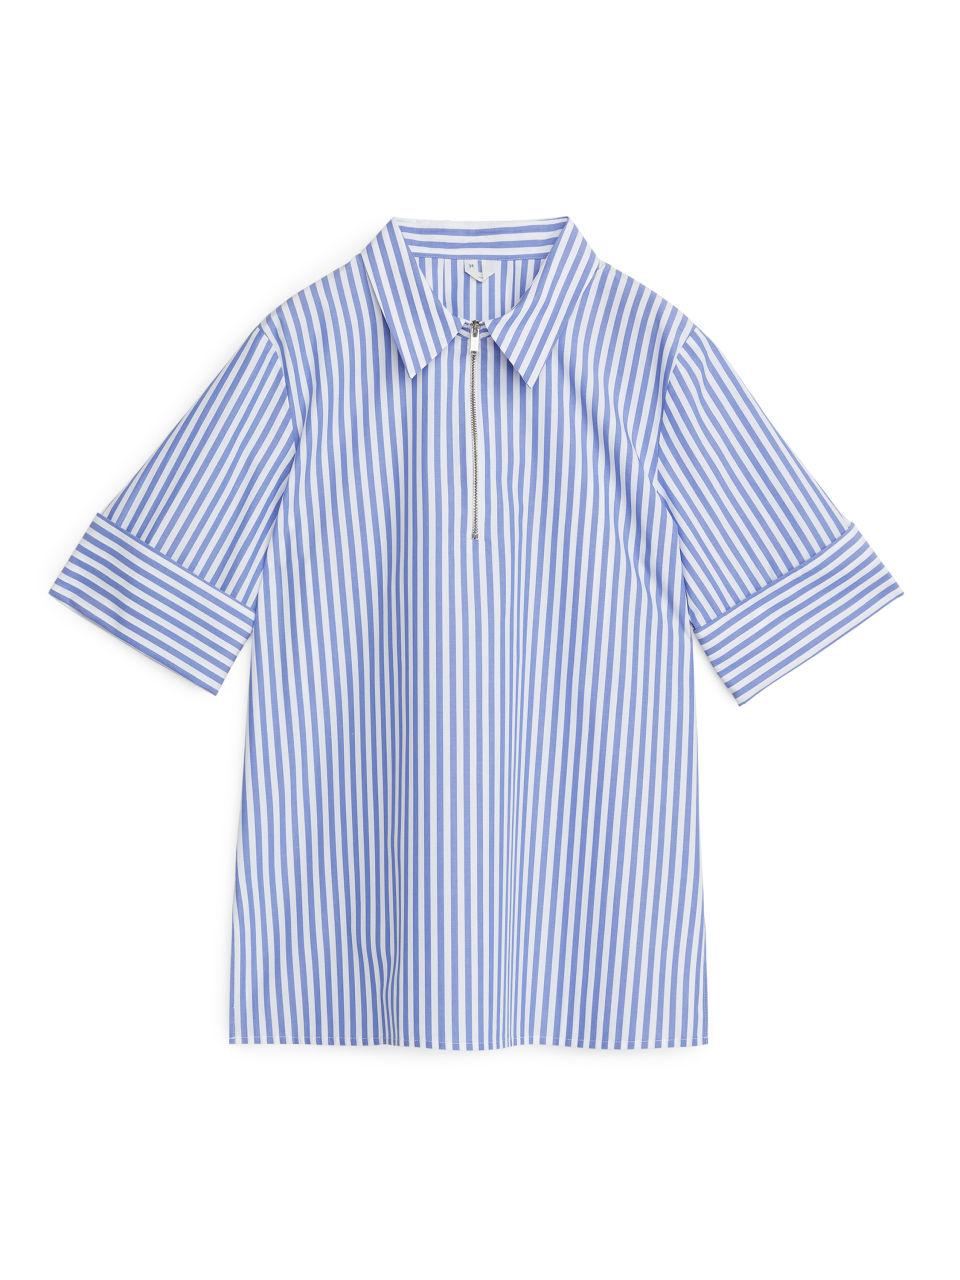 Half-Zip Cotton Top - Blue